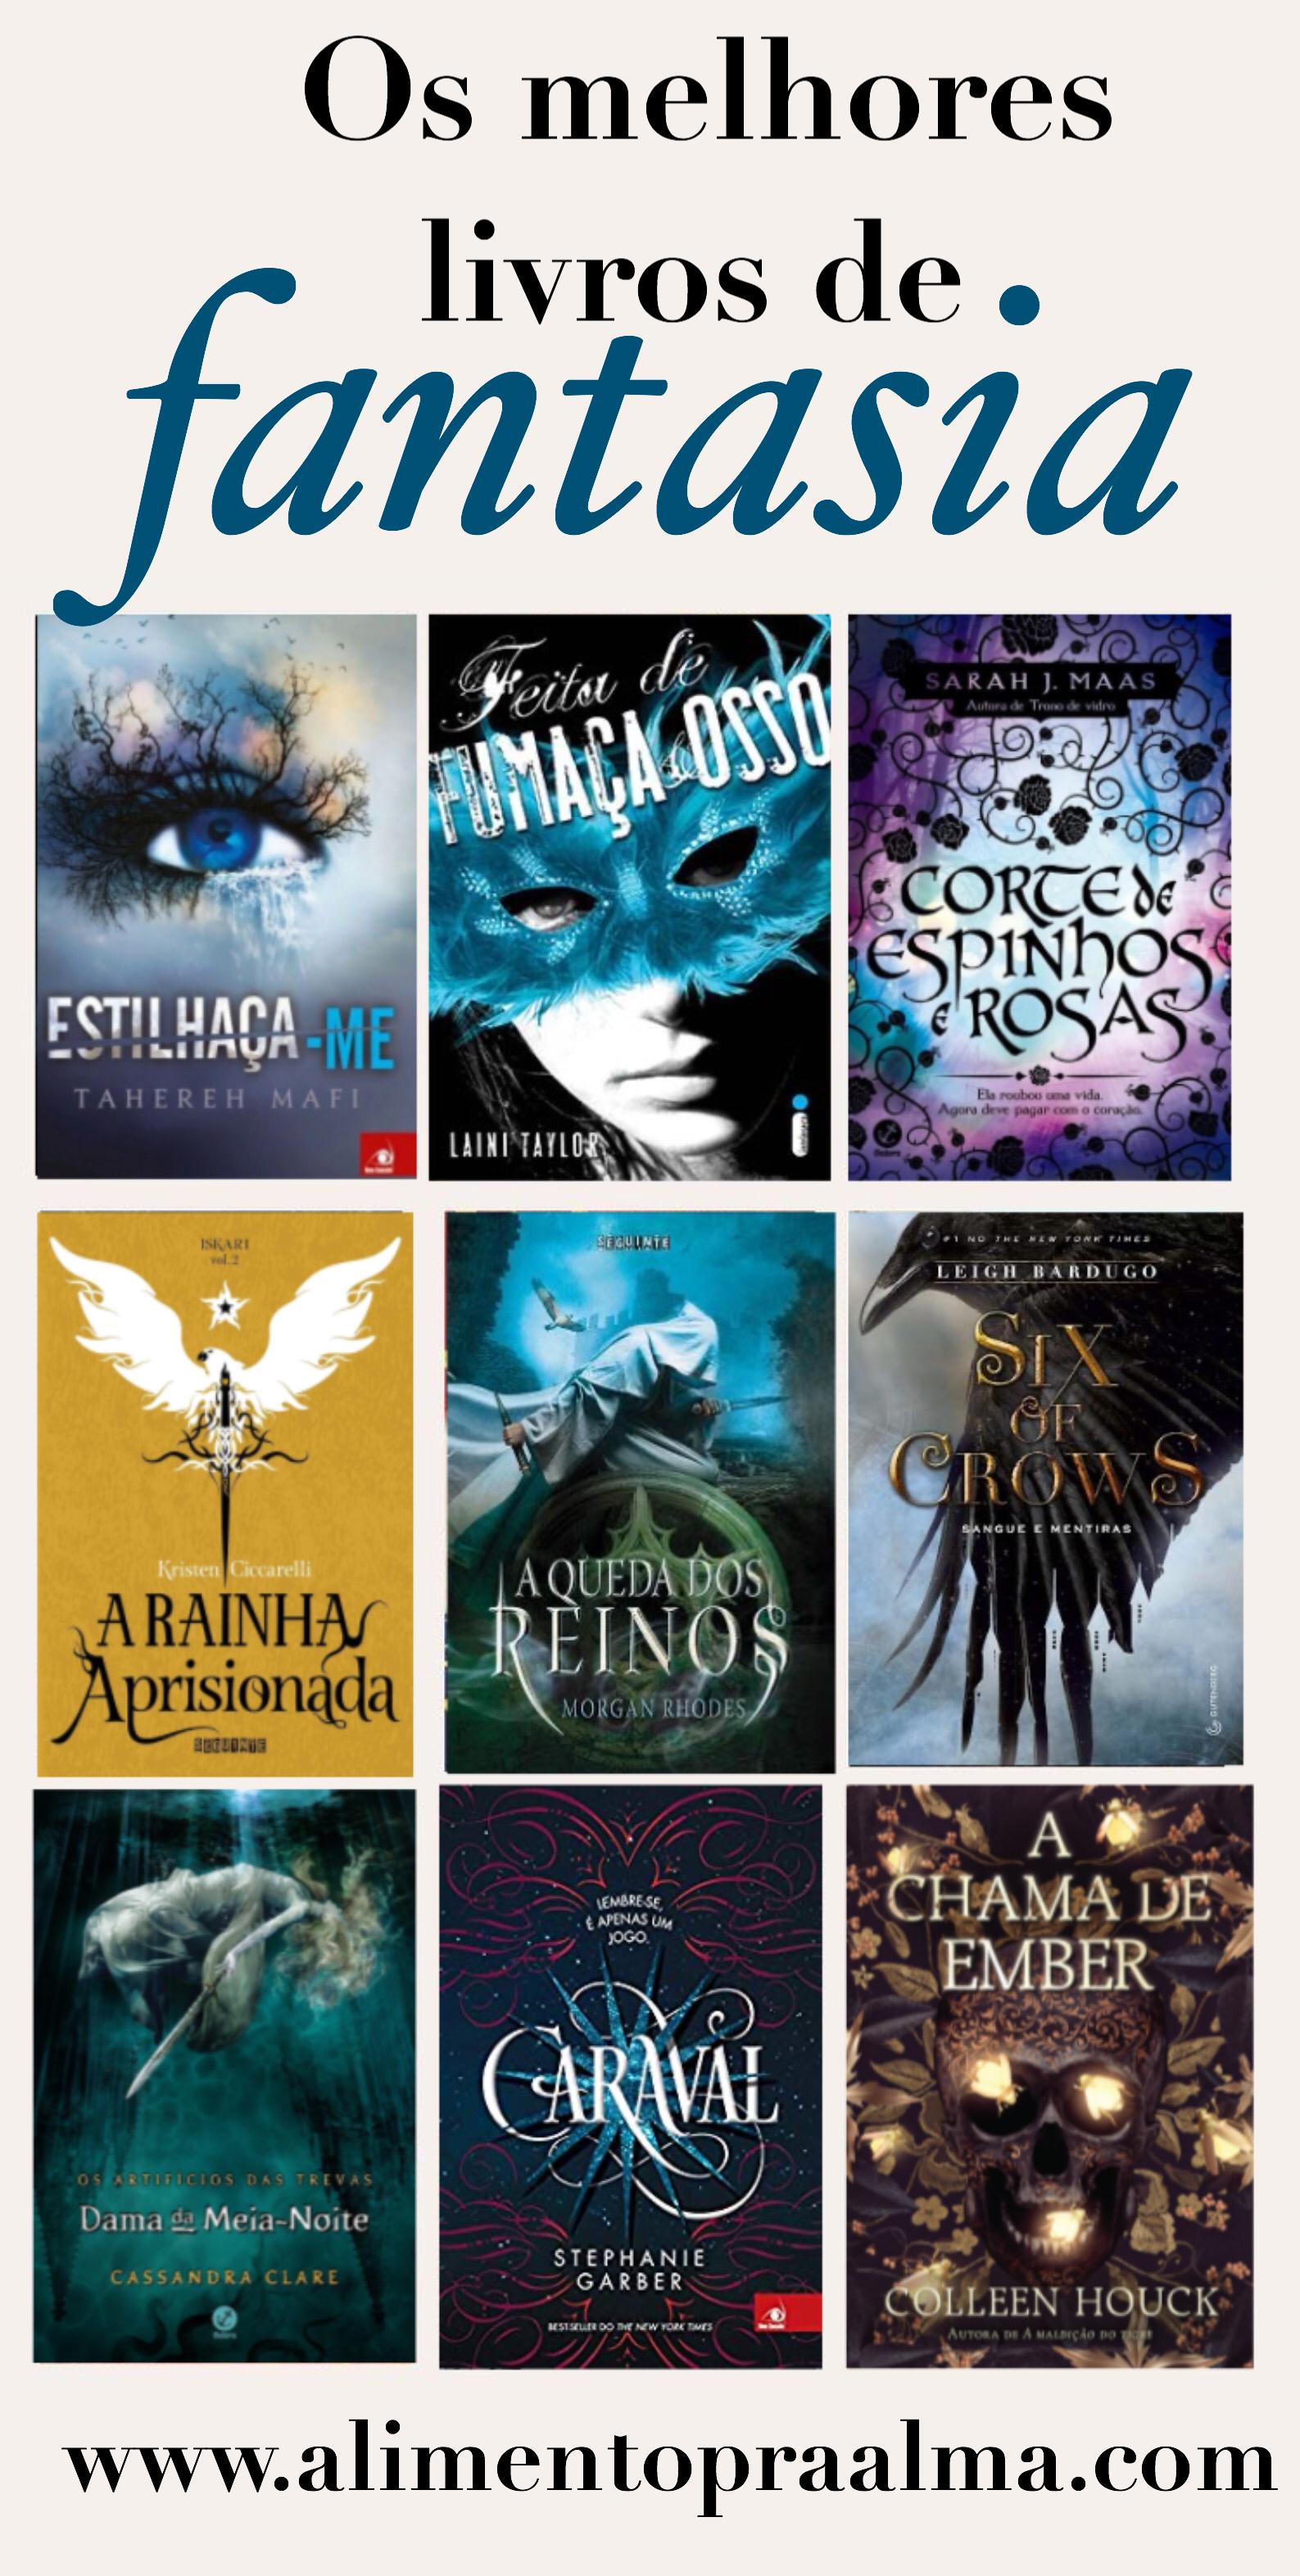 #bookstagram #books #livros #melhoreslivros #fantasia